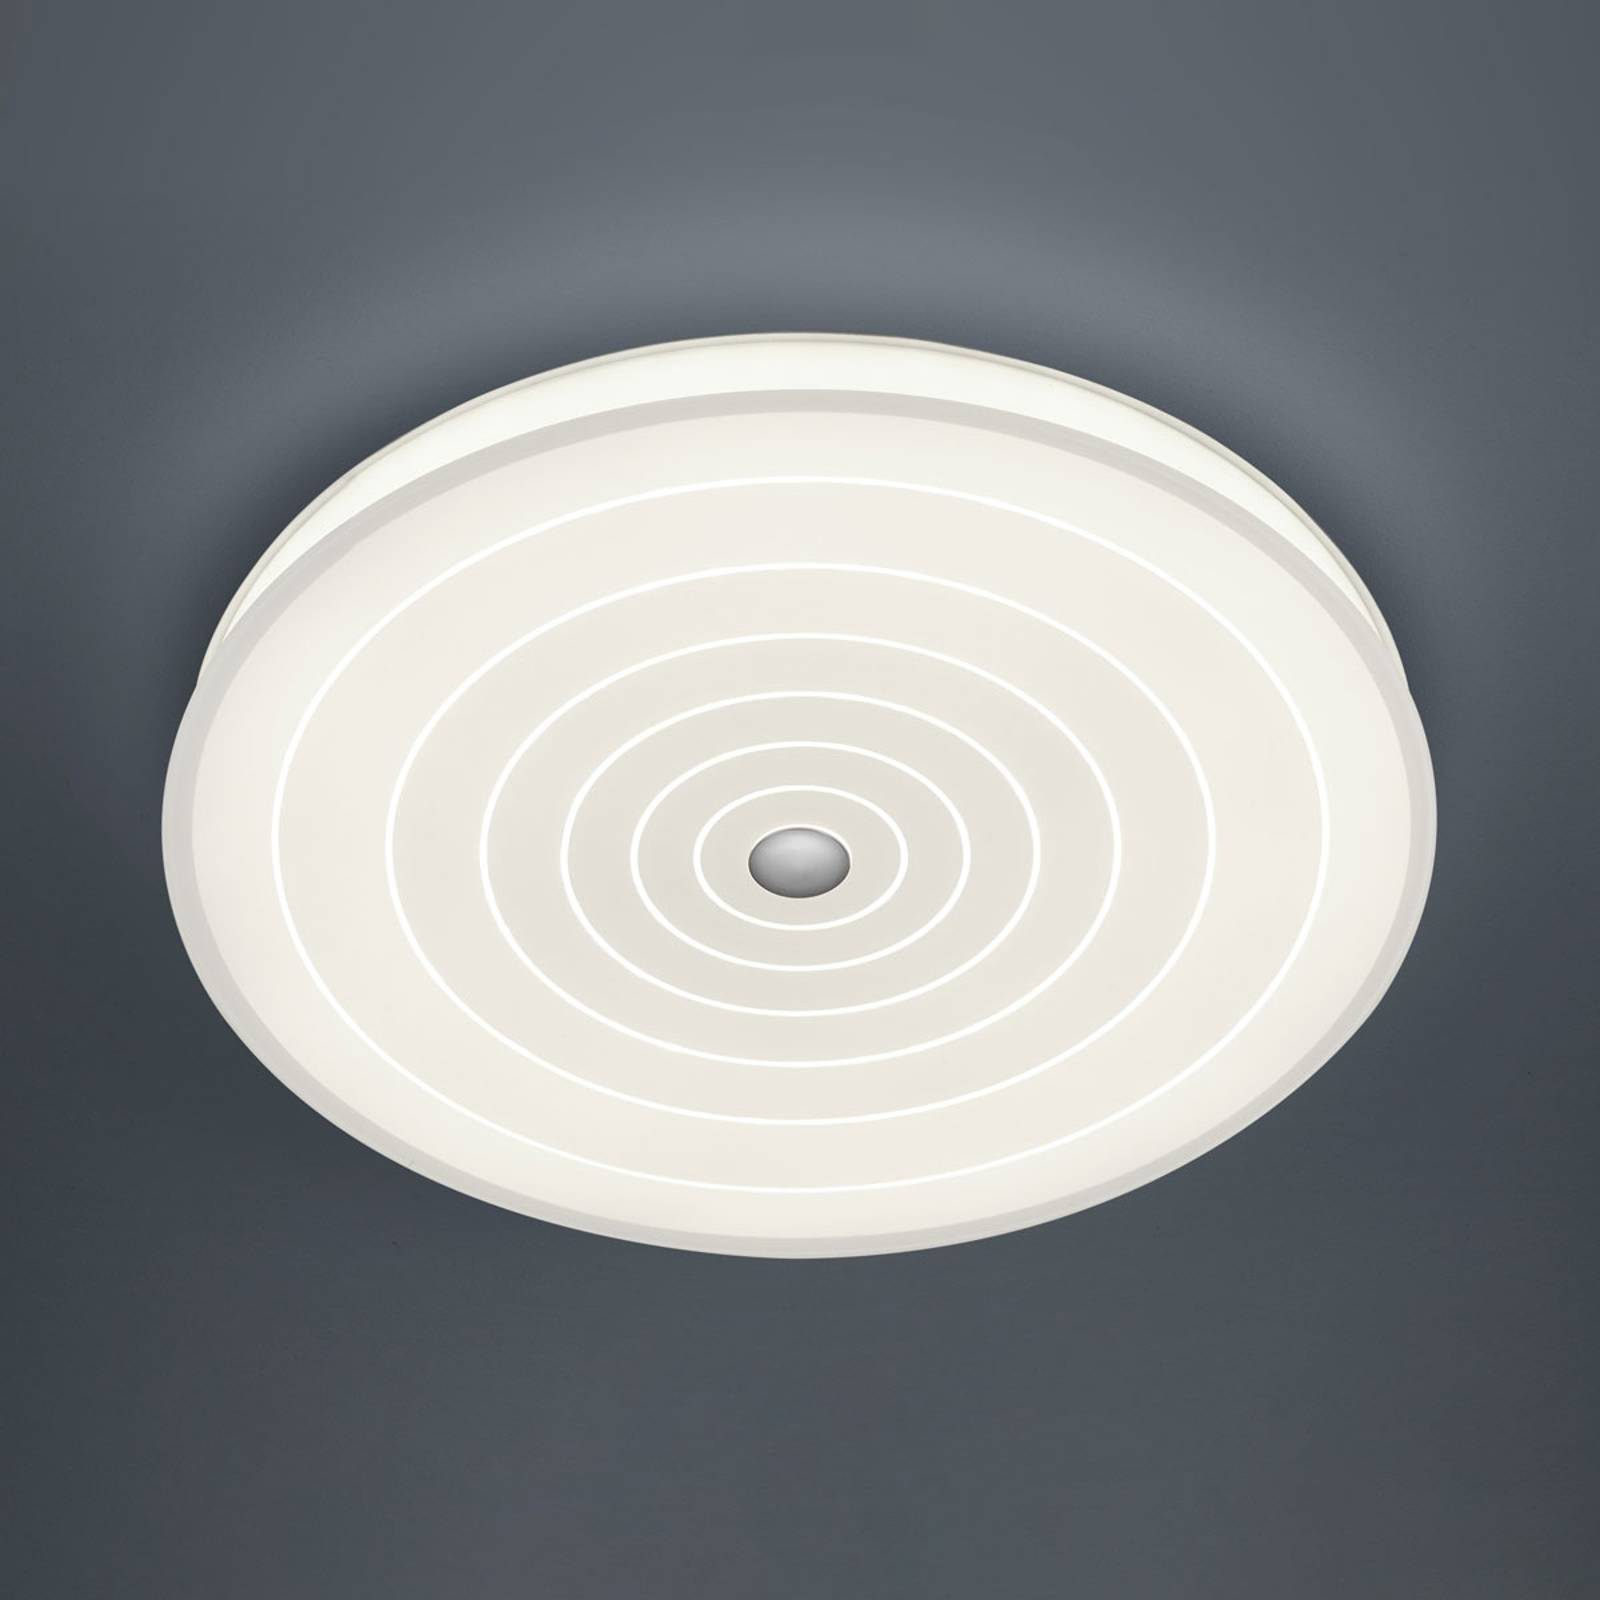 BANKAMP Mandala LED-kattovalaisin ympyrät, Ø 42 cm